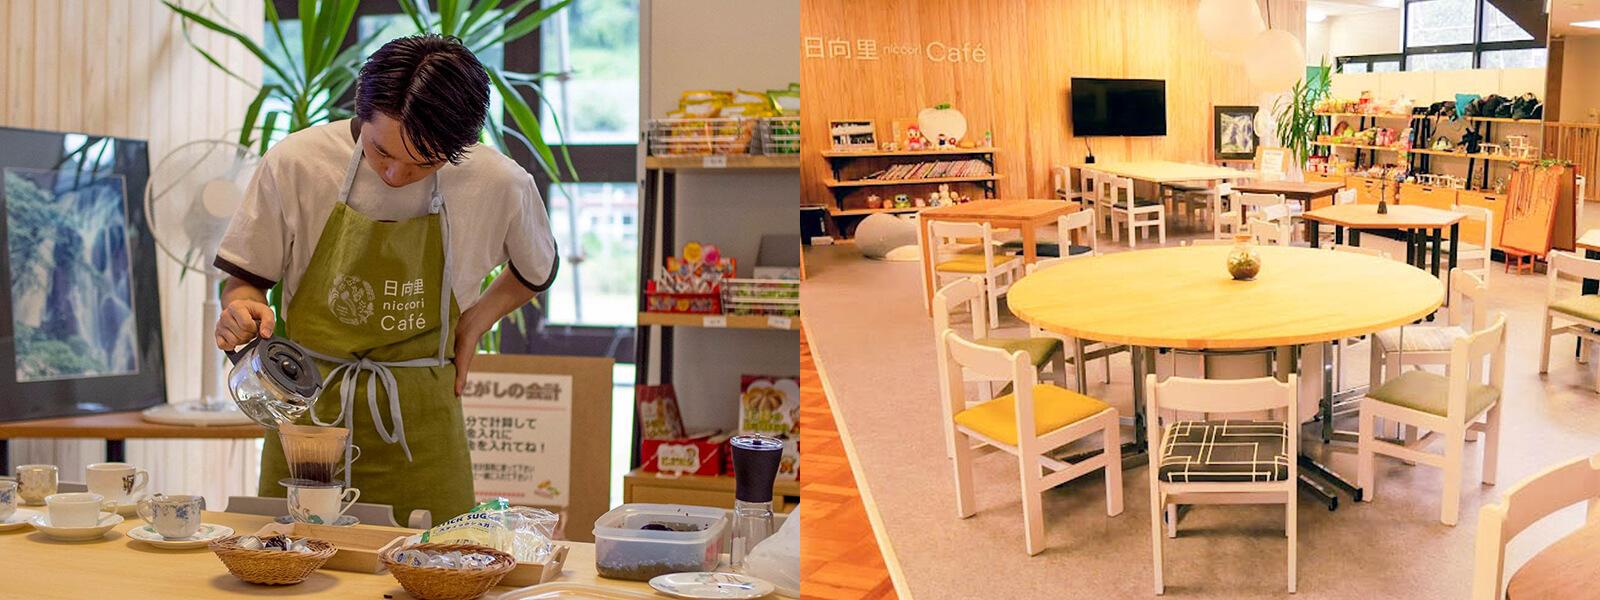 日向里かふぇ/東北公益文科大の学生で運営を行う「おしゃべりカフェ」